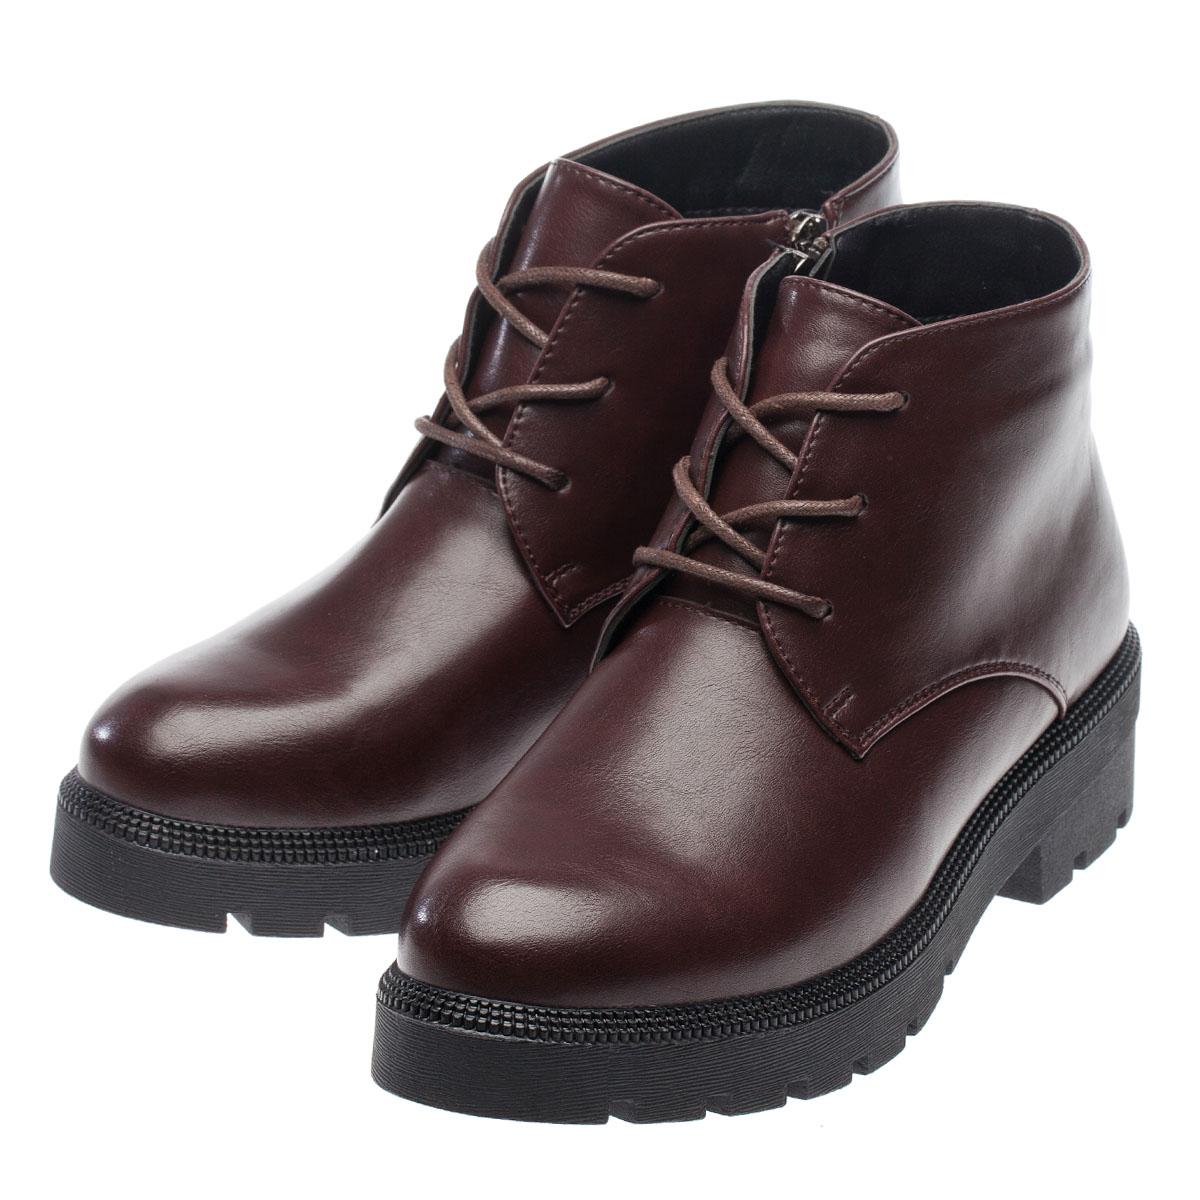 Фото - Ботинки демисезонные FERTO, D16-3611 ботинки демисезонные ferto skl 008